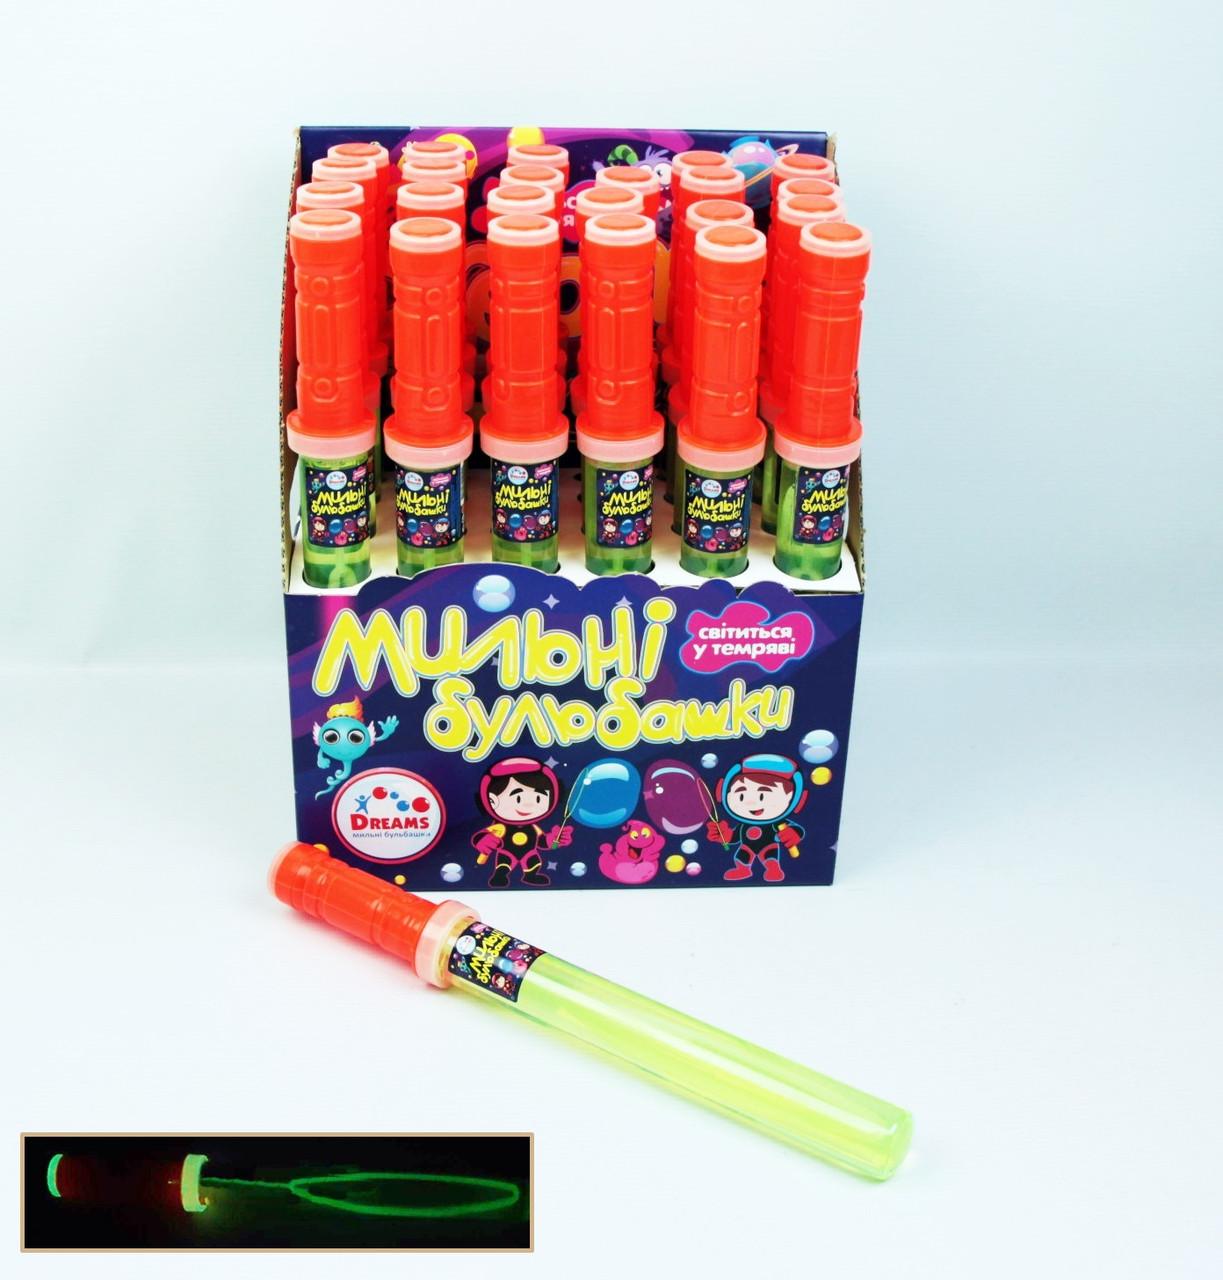 Мильні бульбашки Світяться - паличка 24 шт. в коробці DREAMS